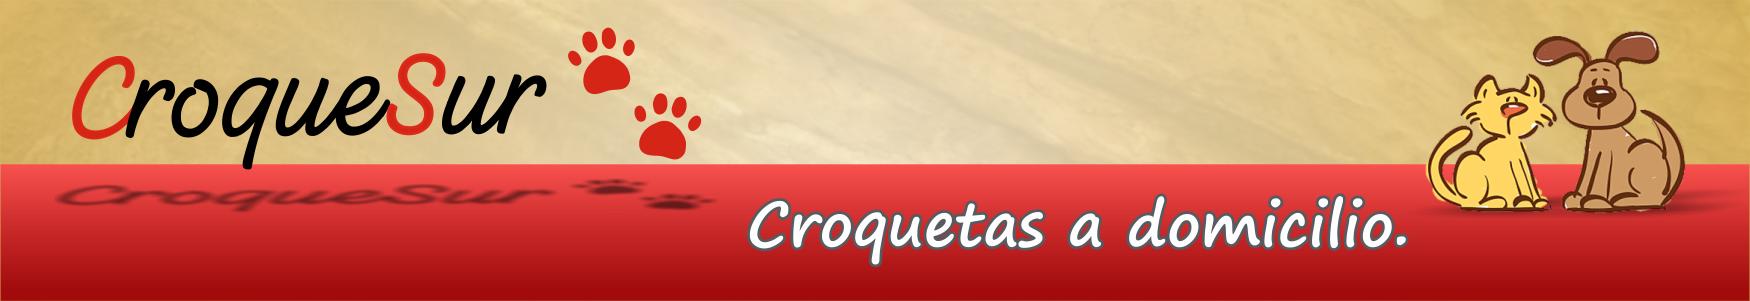 CroqueSur